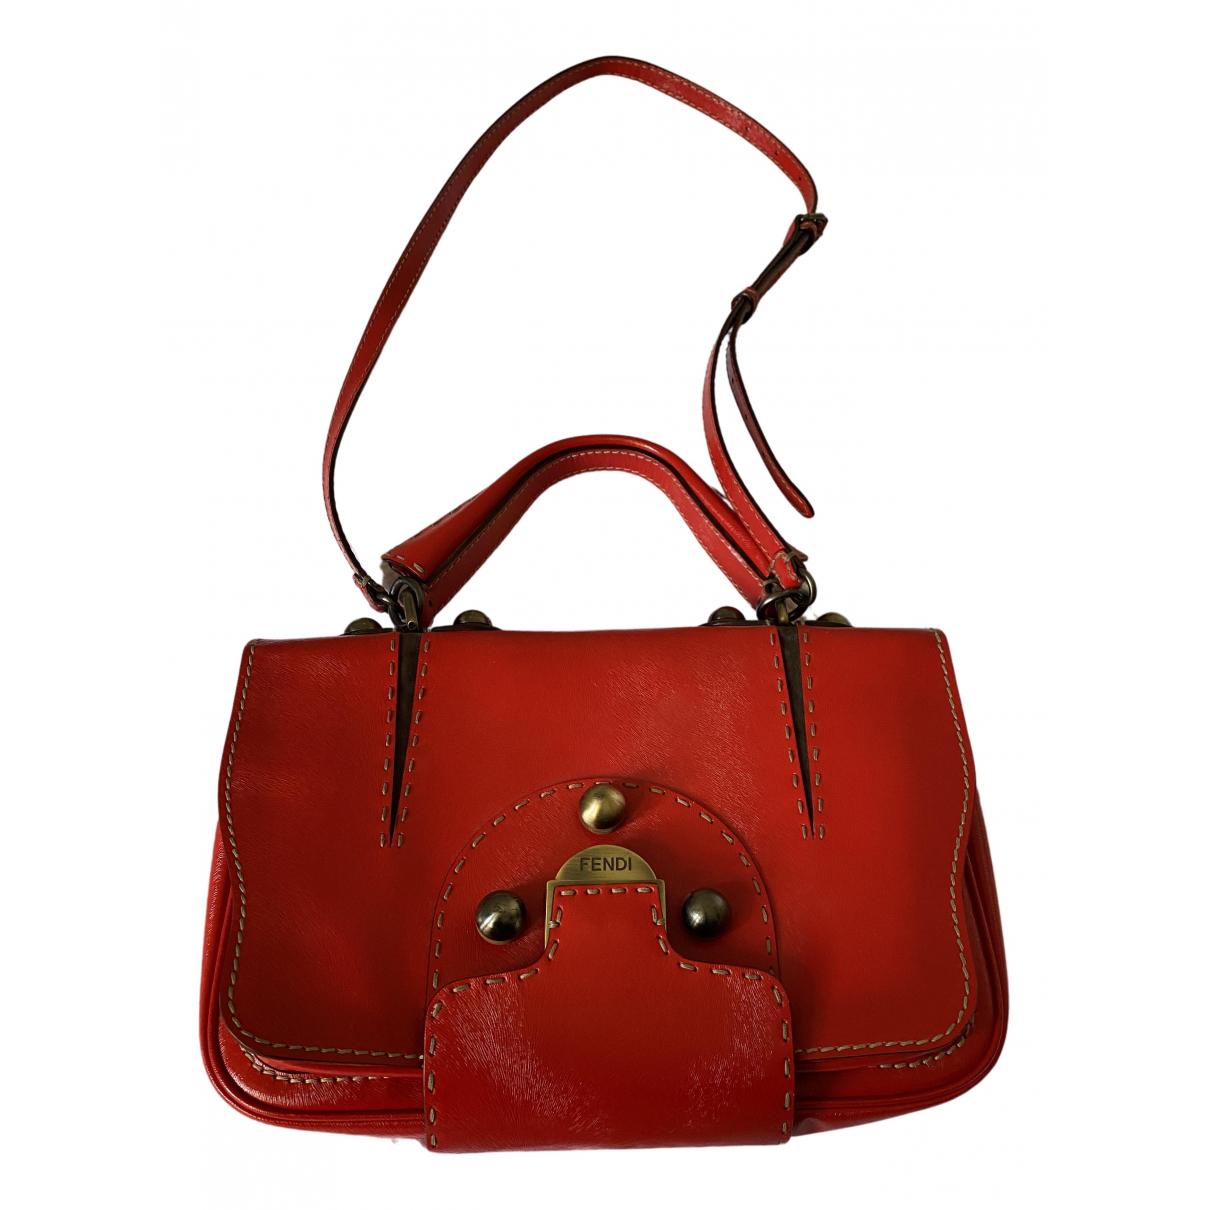 Fendi N Red Leather handbag for Women N